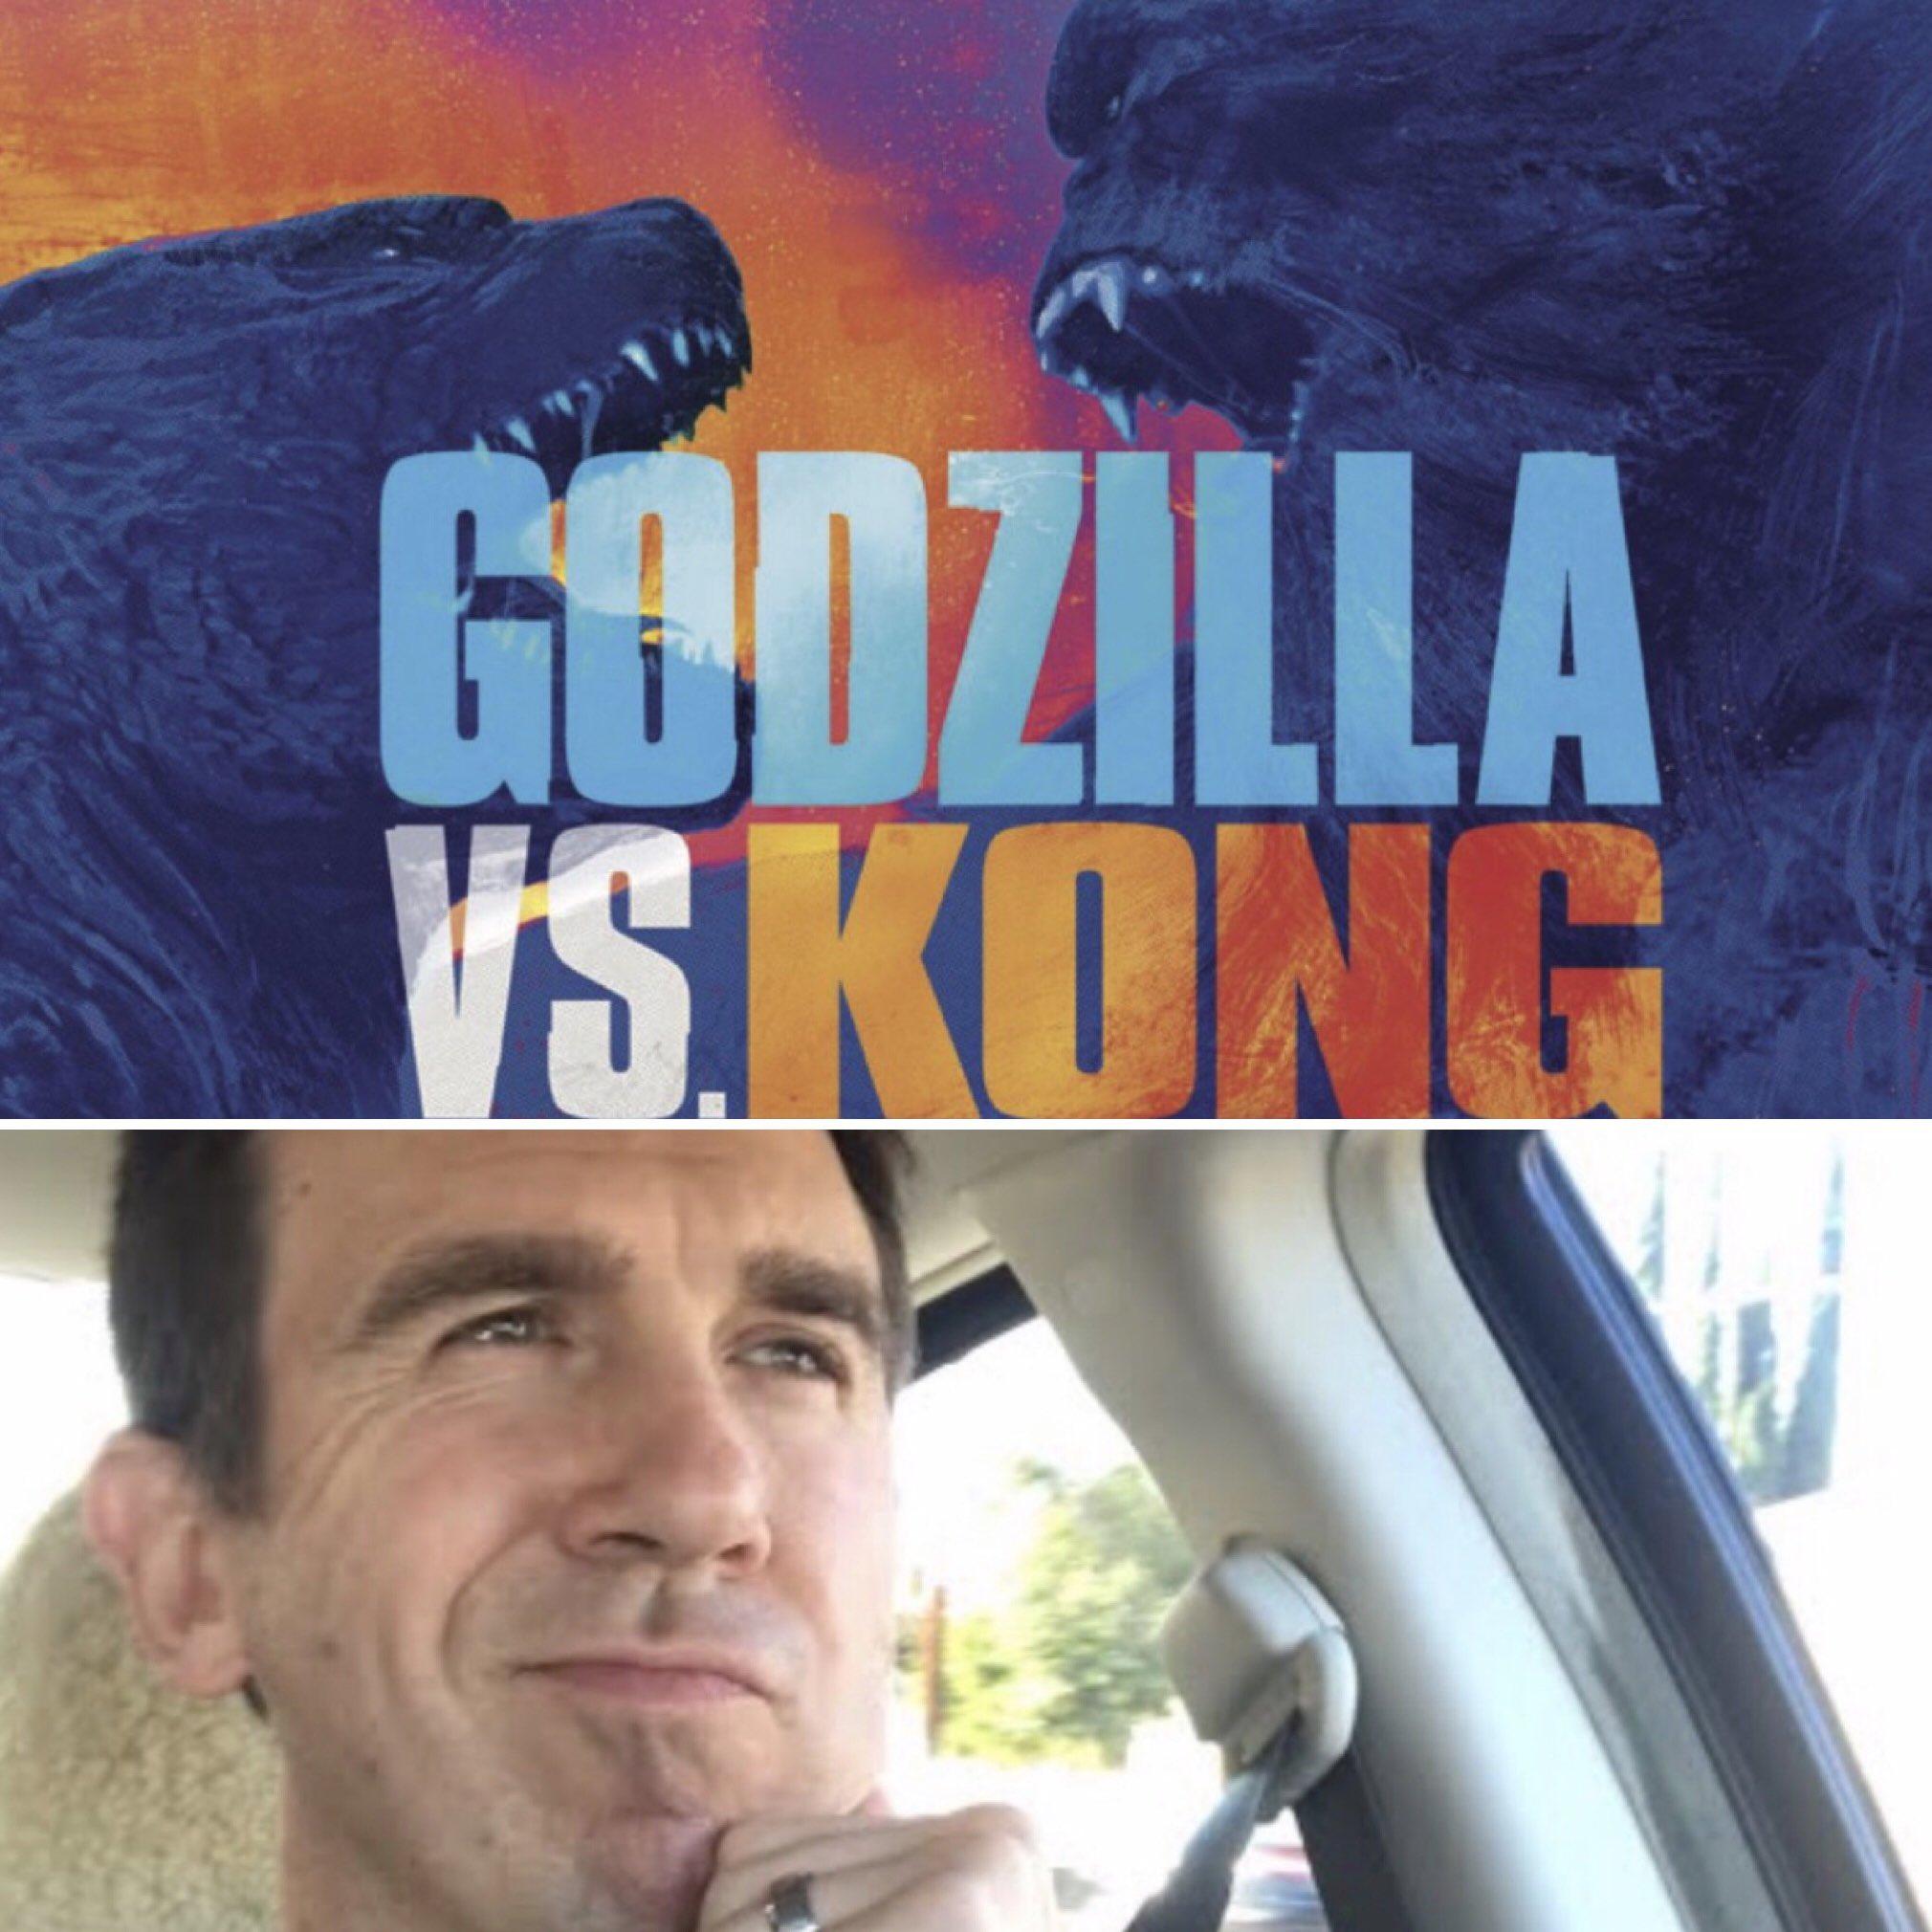 Godzilla vs Kong has been delayed to November 20th, 2020.